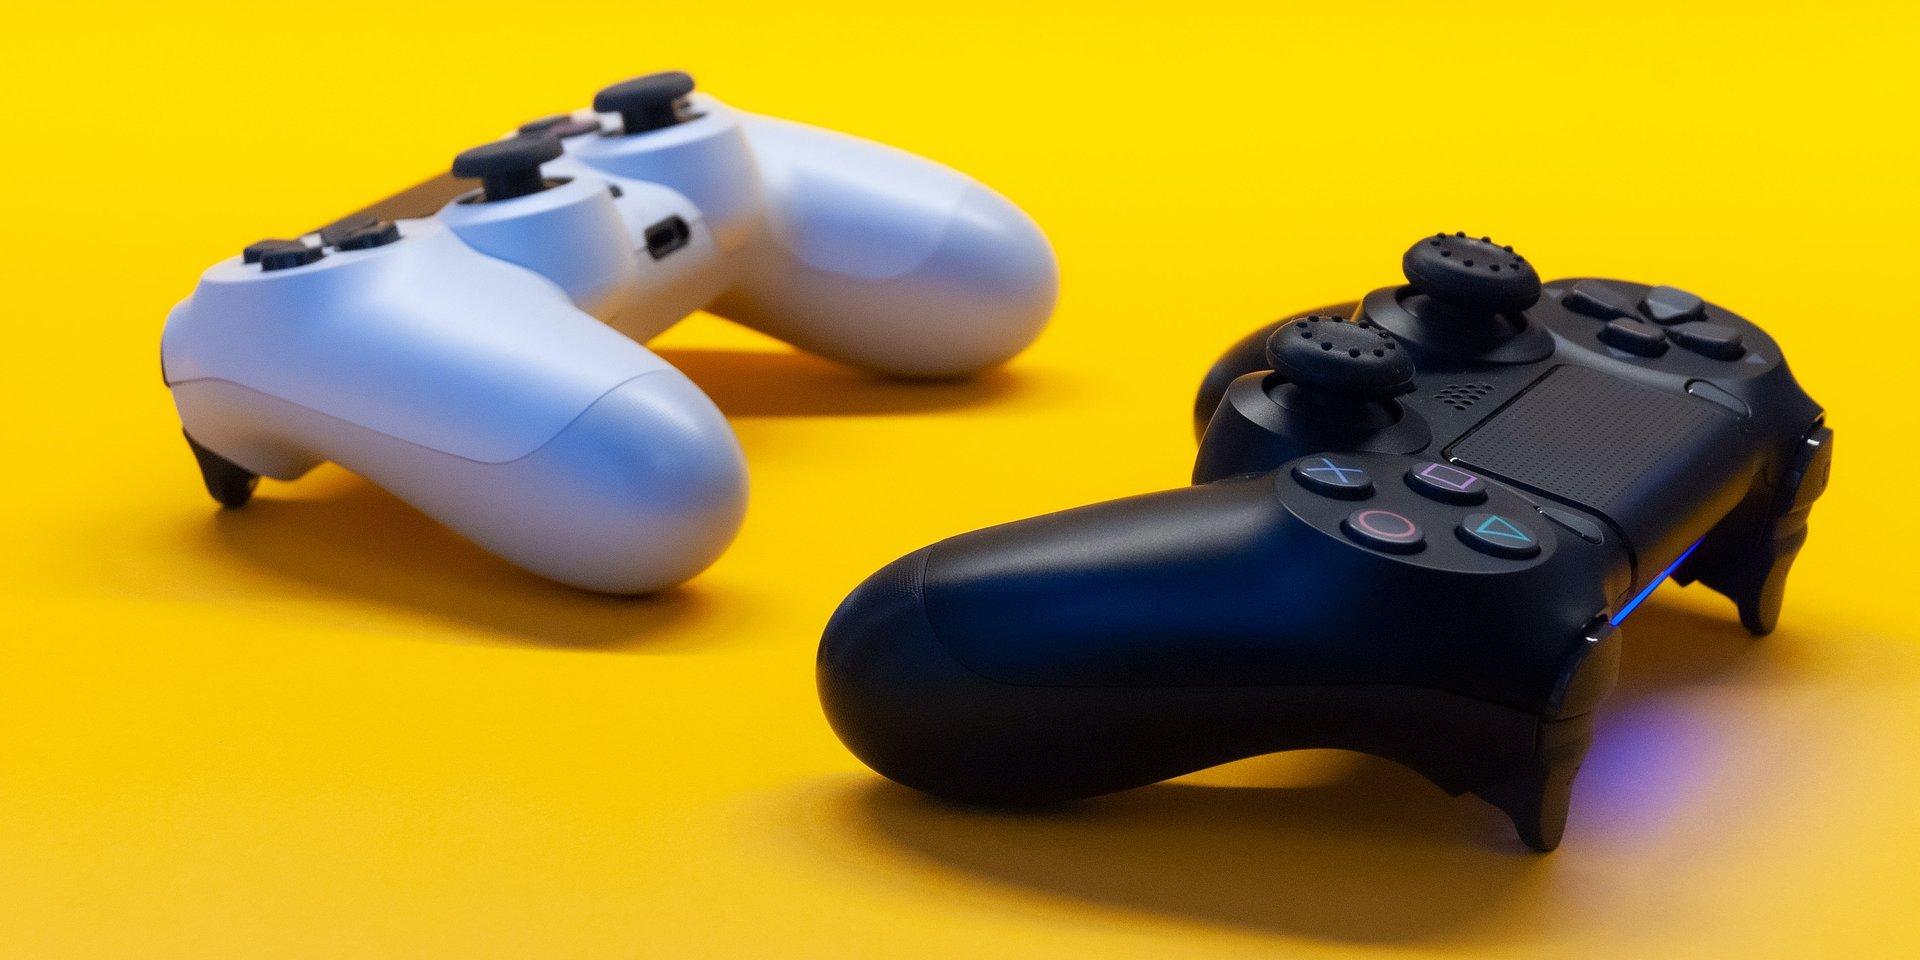 Prawie 90% nastolatków w Polsce gra w gry. Jak ta forma rozrywki wpływa na ich rozwój?